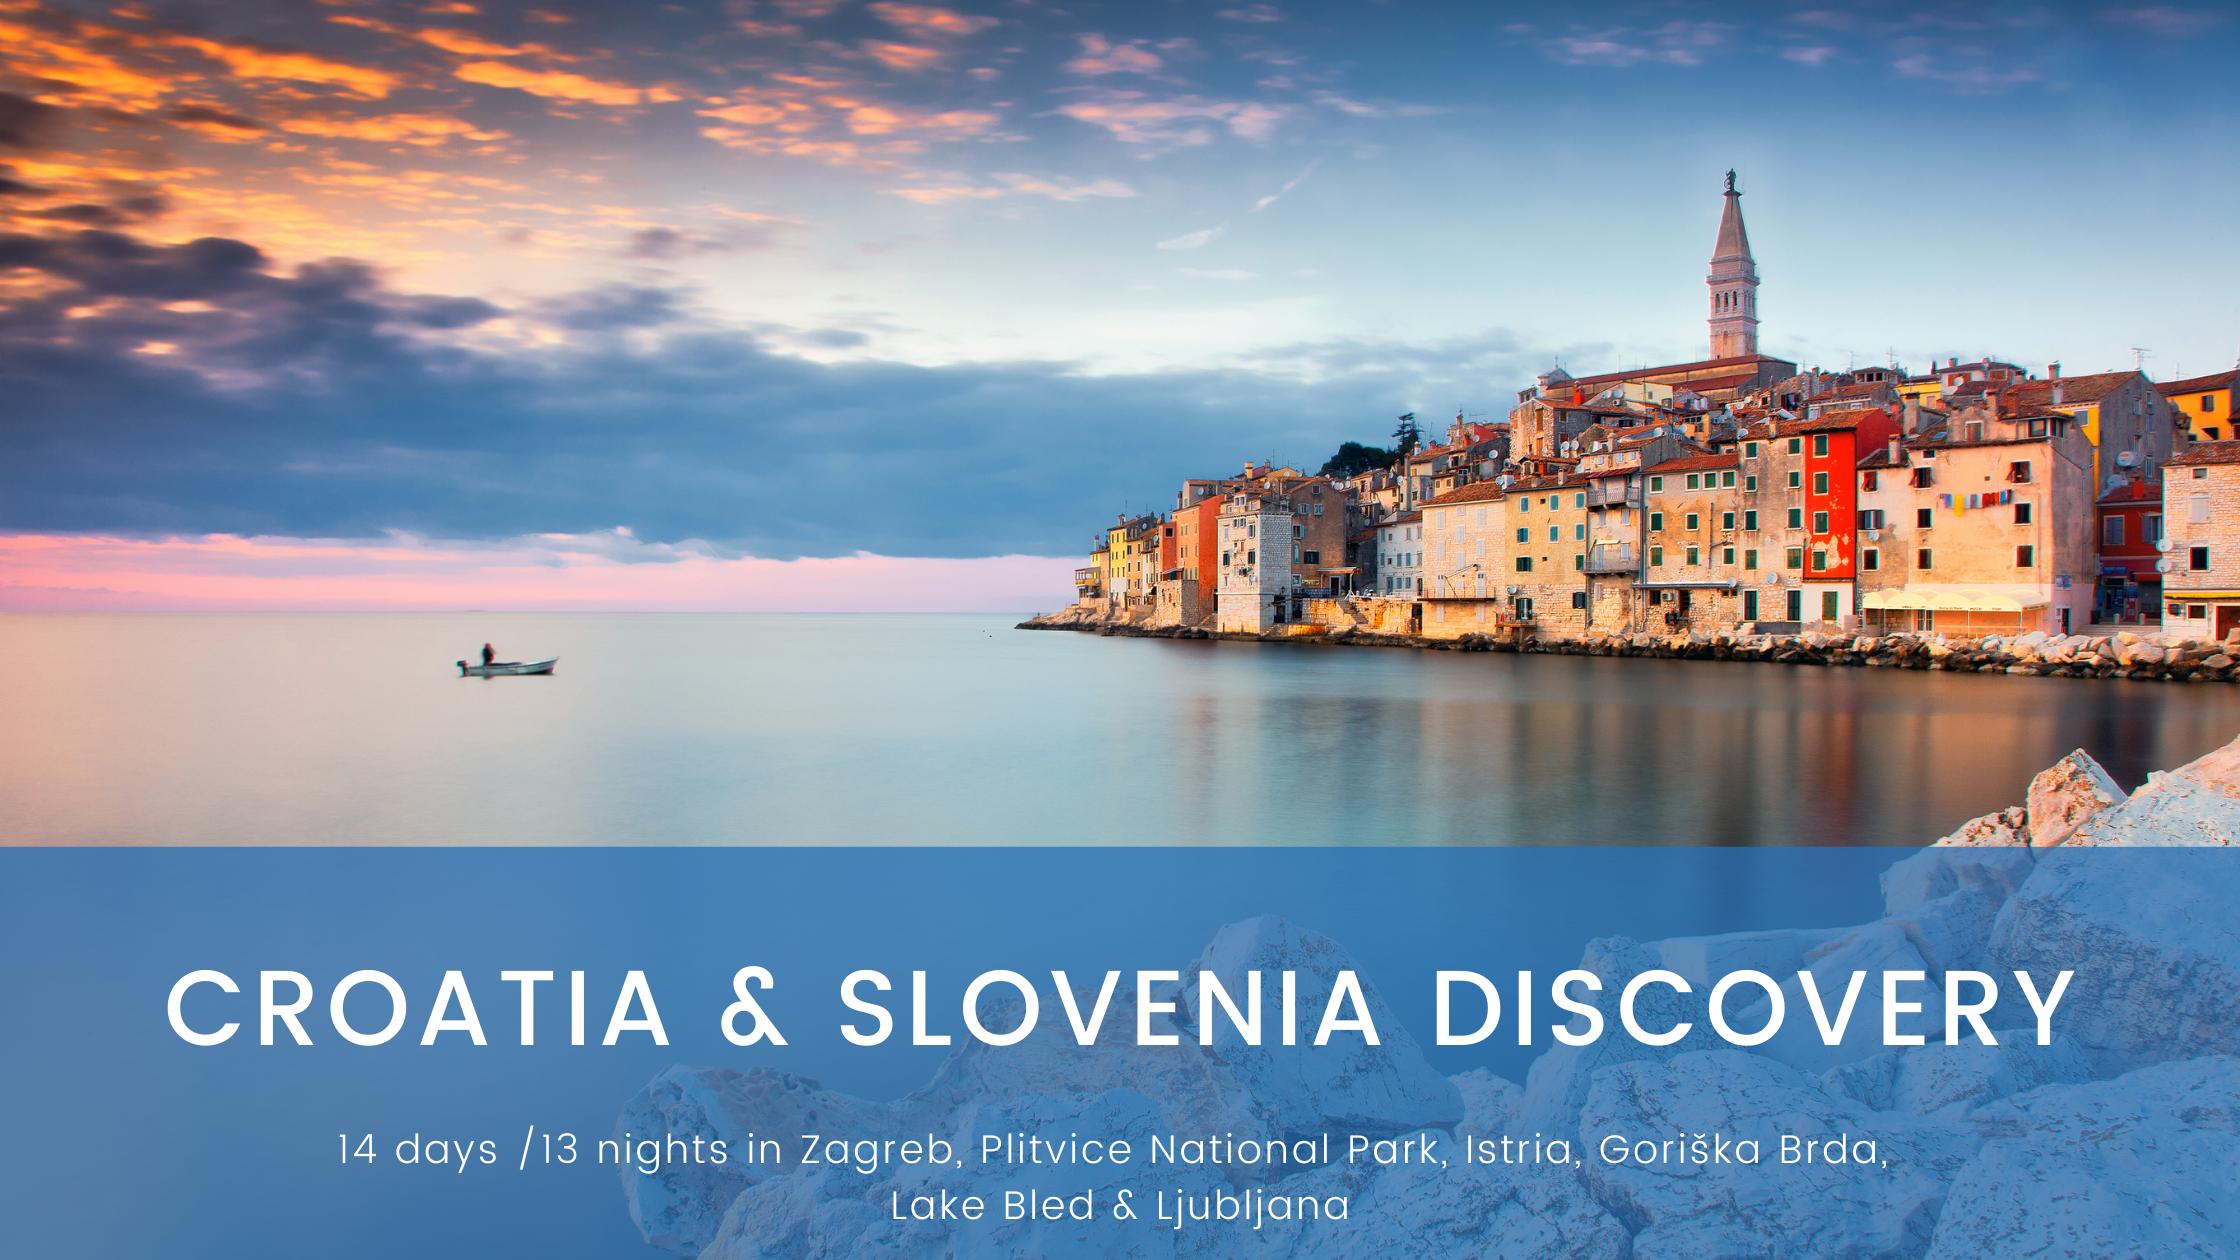 Croatia & Slovenia Discovery